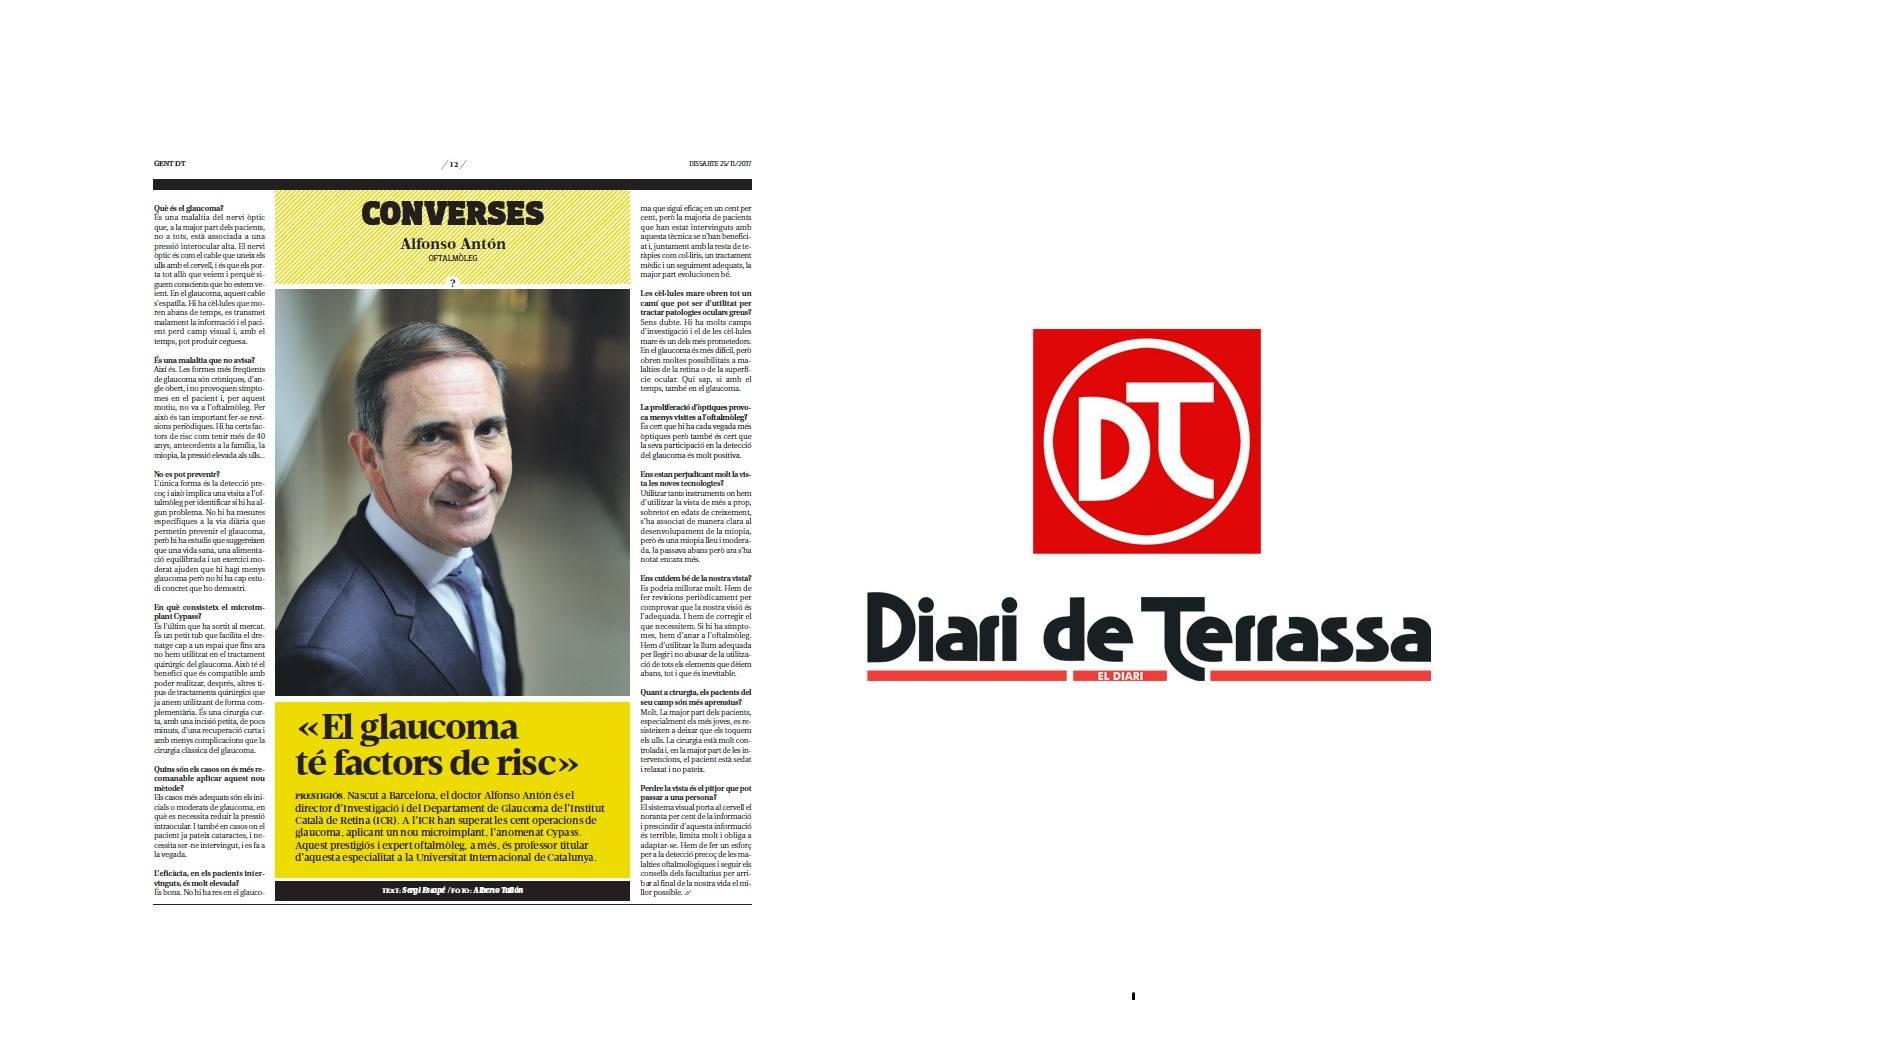 7e3751044a El Diari de Terrassa publica una entrevista con el Dr. Antón